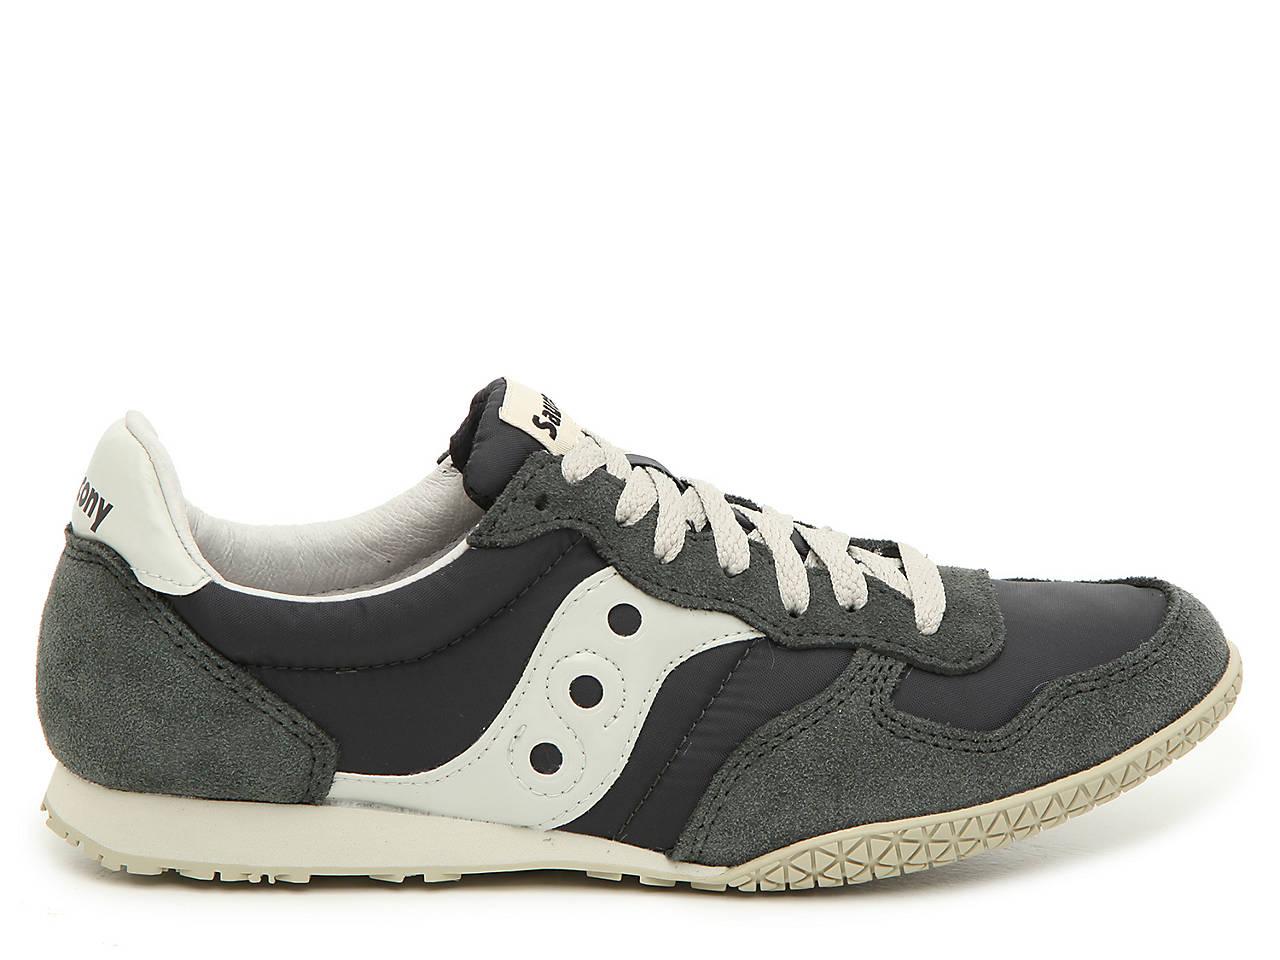 4b701e7b Bullet Retro Sneaker - Men's